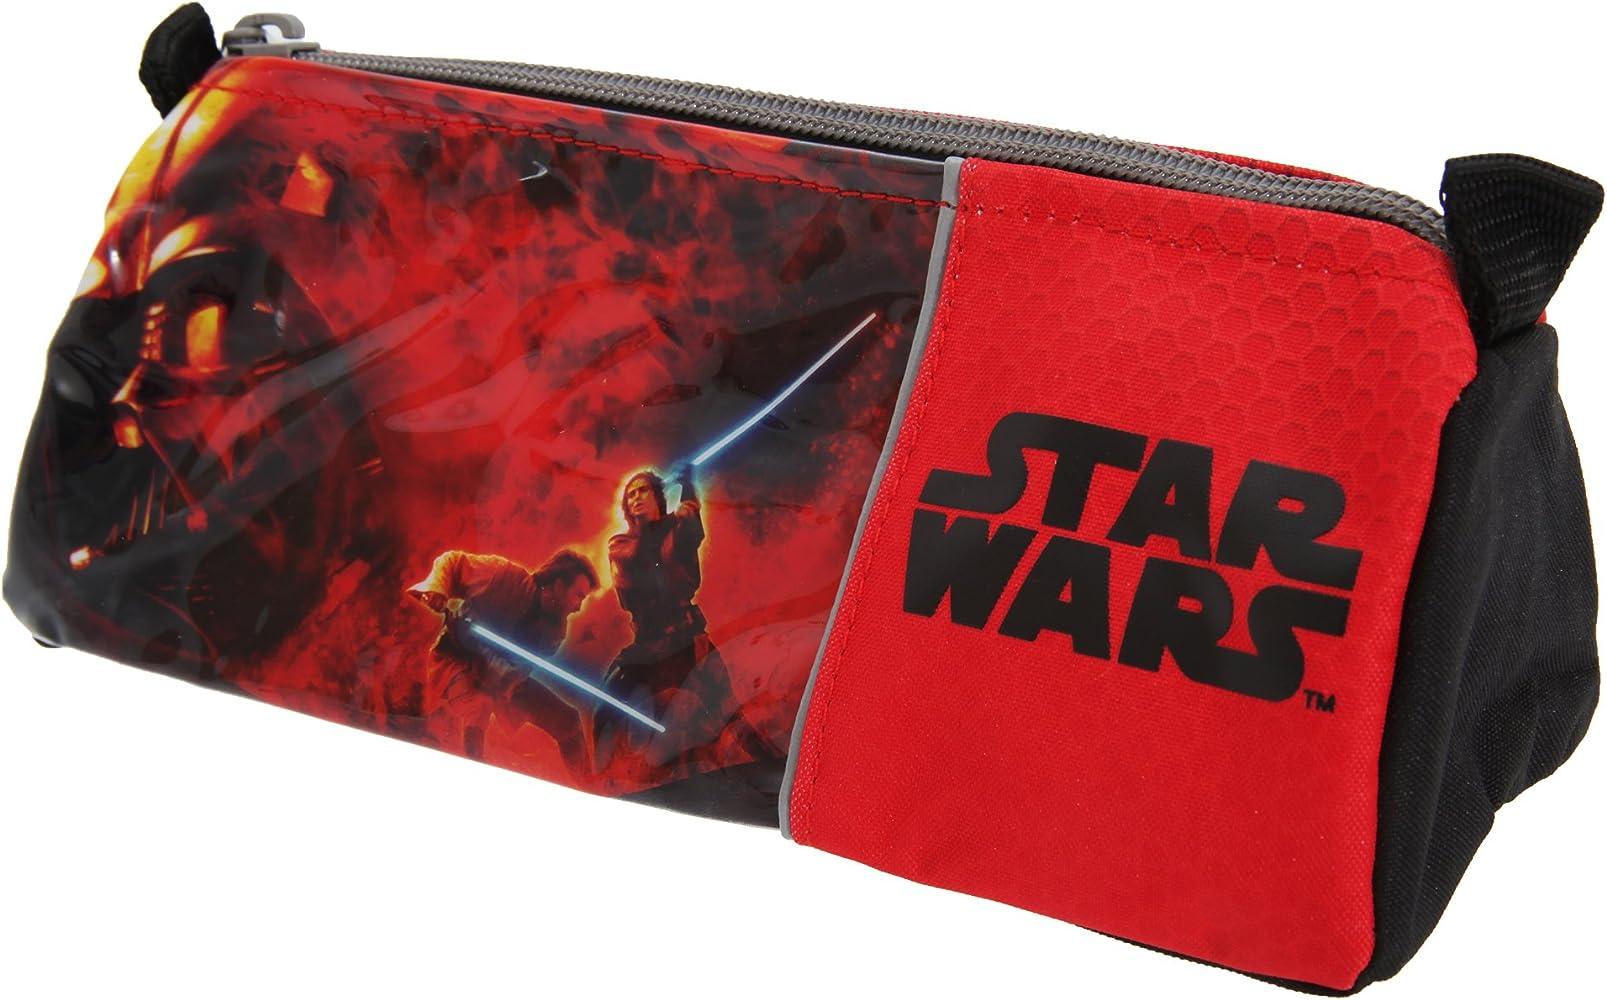 Star Wars - Estuche oficial para lapiceros y bolígrafos Modelo Zip Up para niños (8 x 7 x 21cm/Rojo/Negro): Amazon.es: Hogar